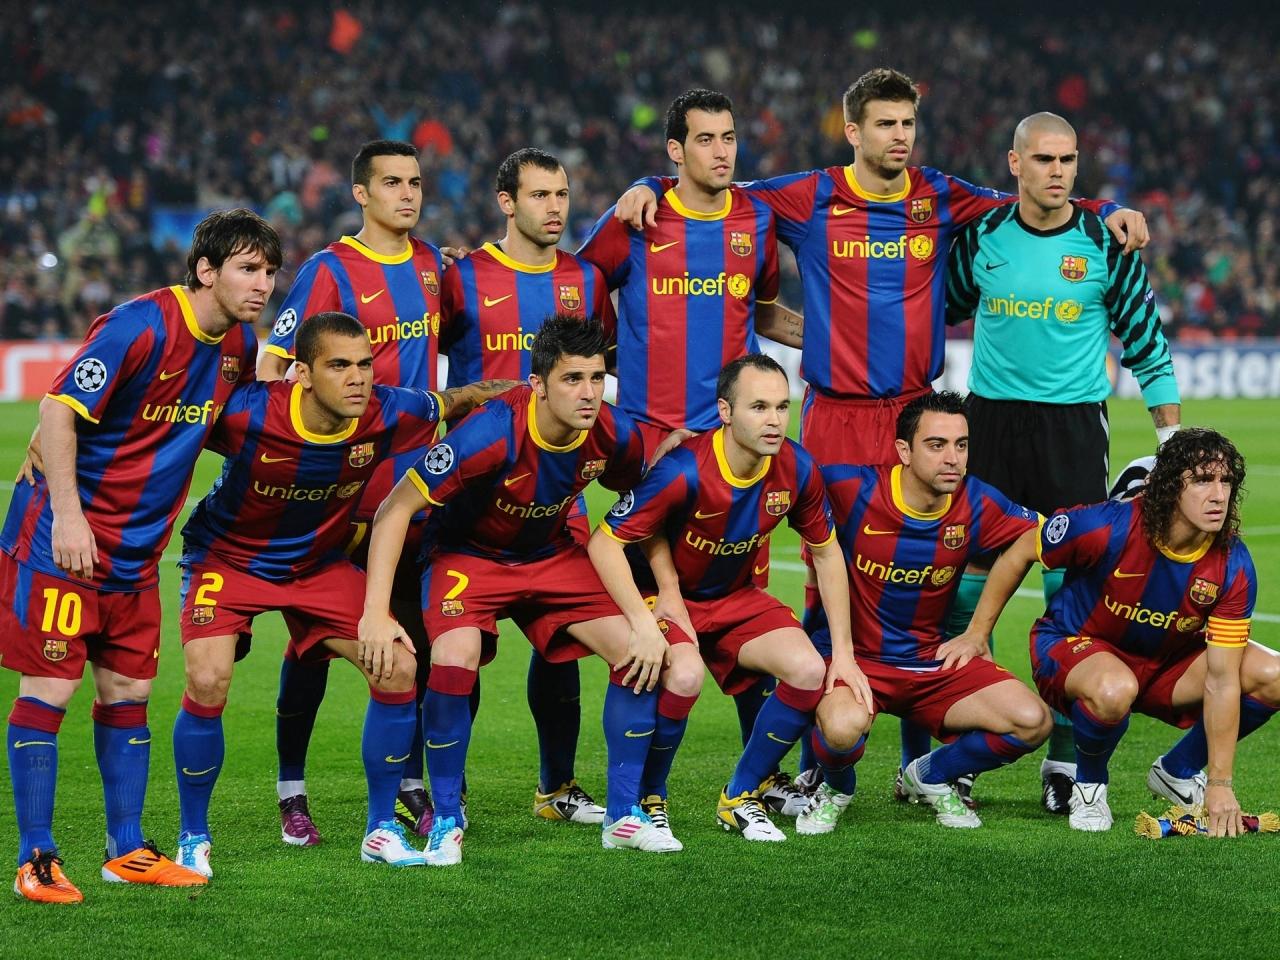 Selección del Barcelona 2015 - 1280x960